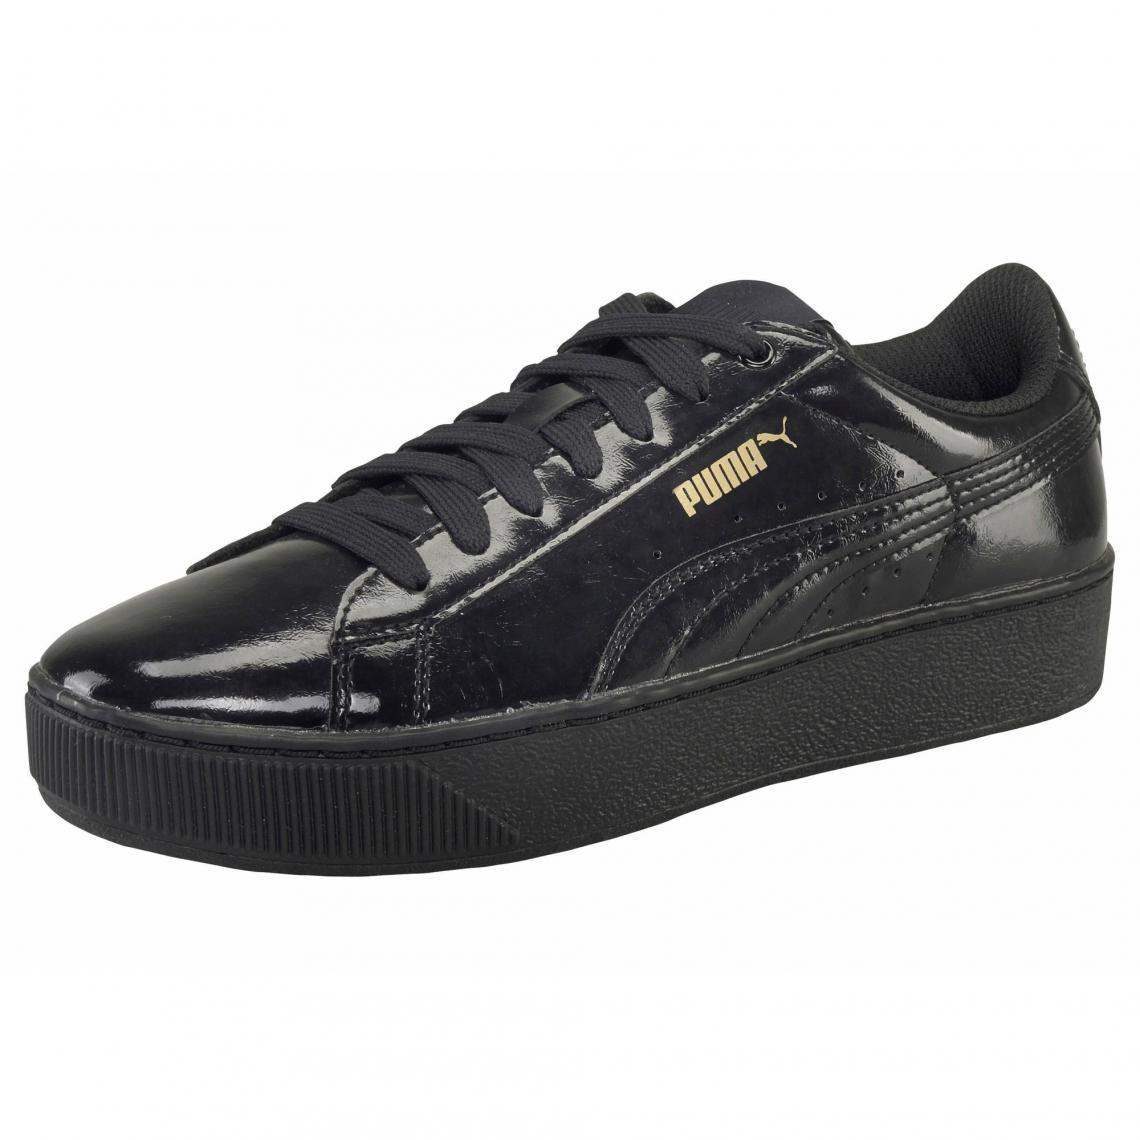 15e852d4617 Puma Vikky Softfoam chaussures de sport femme - Noir - 3Suisses